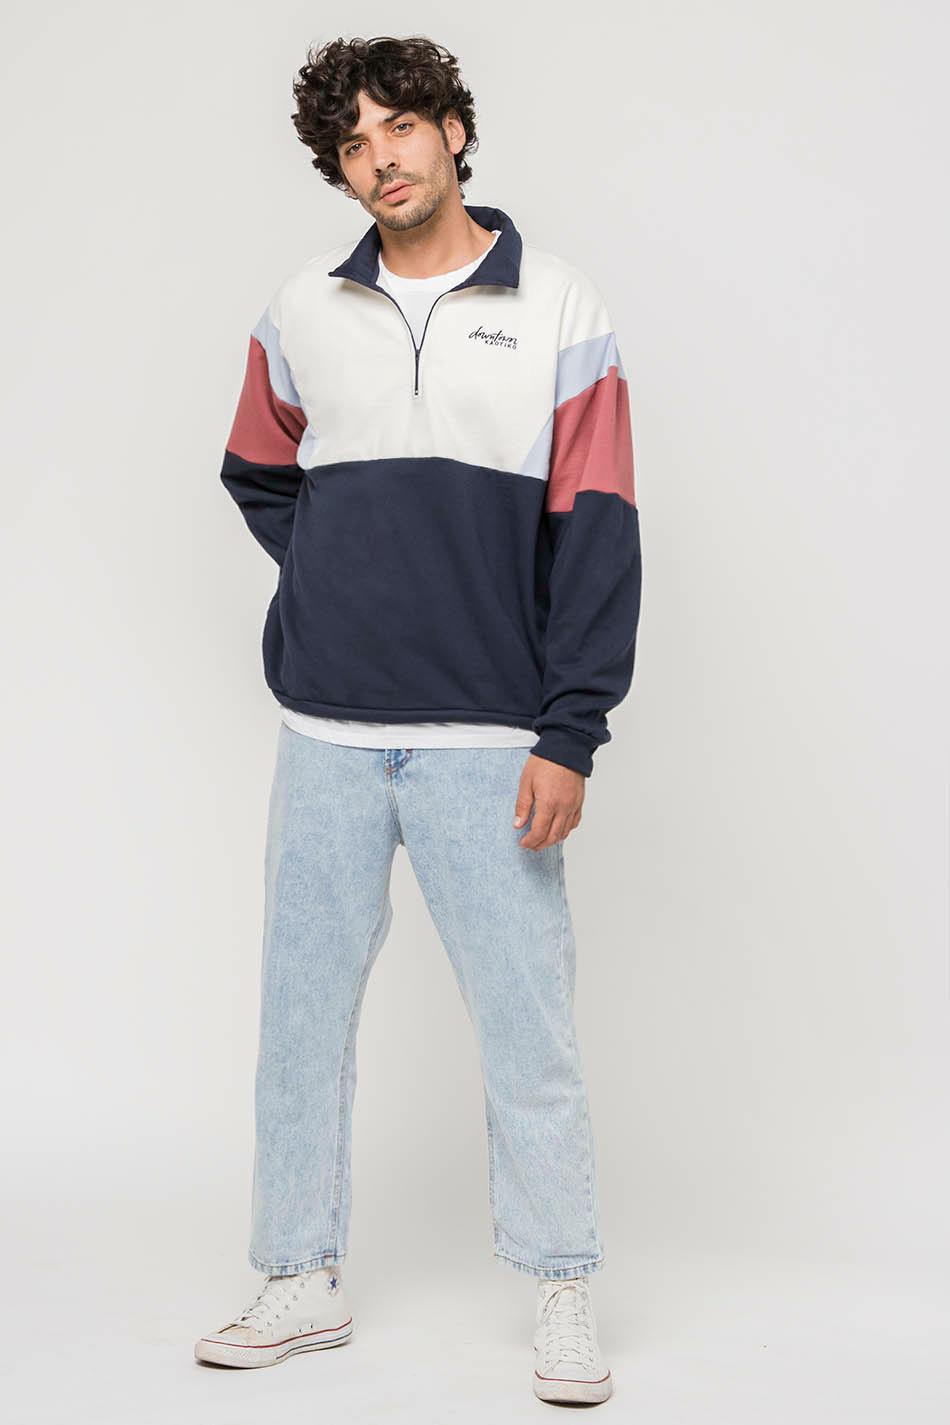 Navy/ Baby Blue/ Maroon Colin Sweatshirt